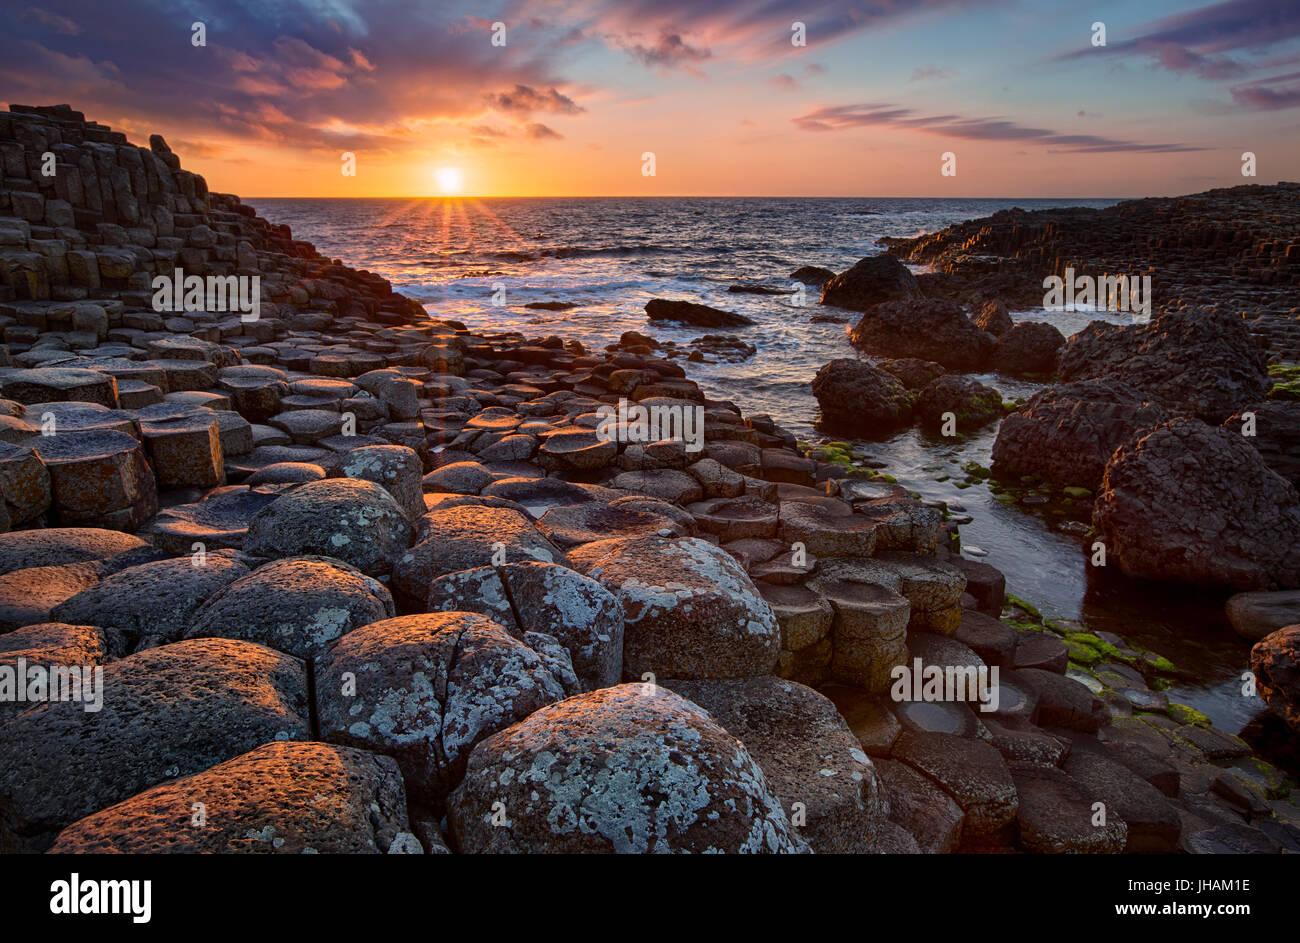 Puesta de sol sobre columnas de basalto Calzada del Gigante, Condado de Antrim, Irlanda del Norte Imagen De Stock